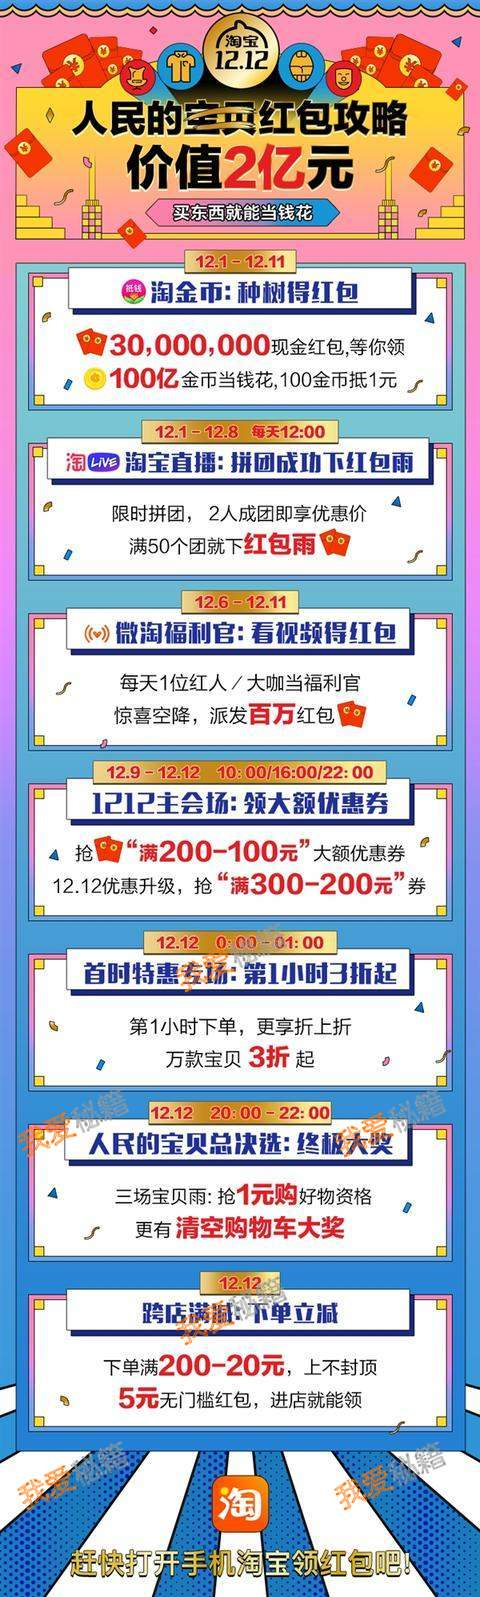 2018淘宝双12红包雨时间表分享[多图]